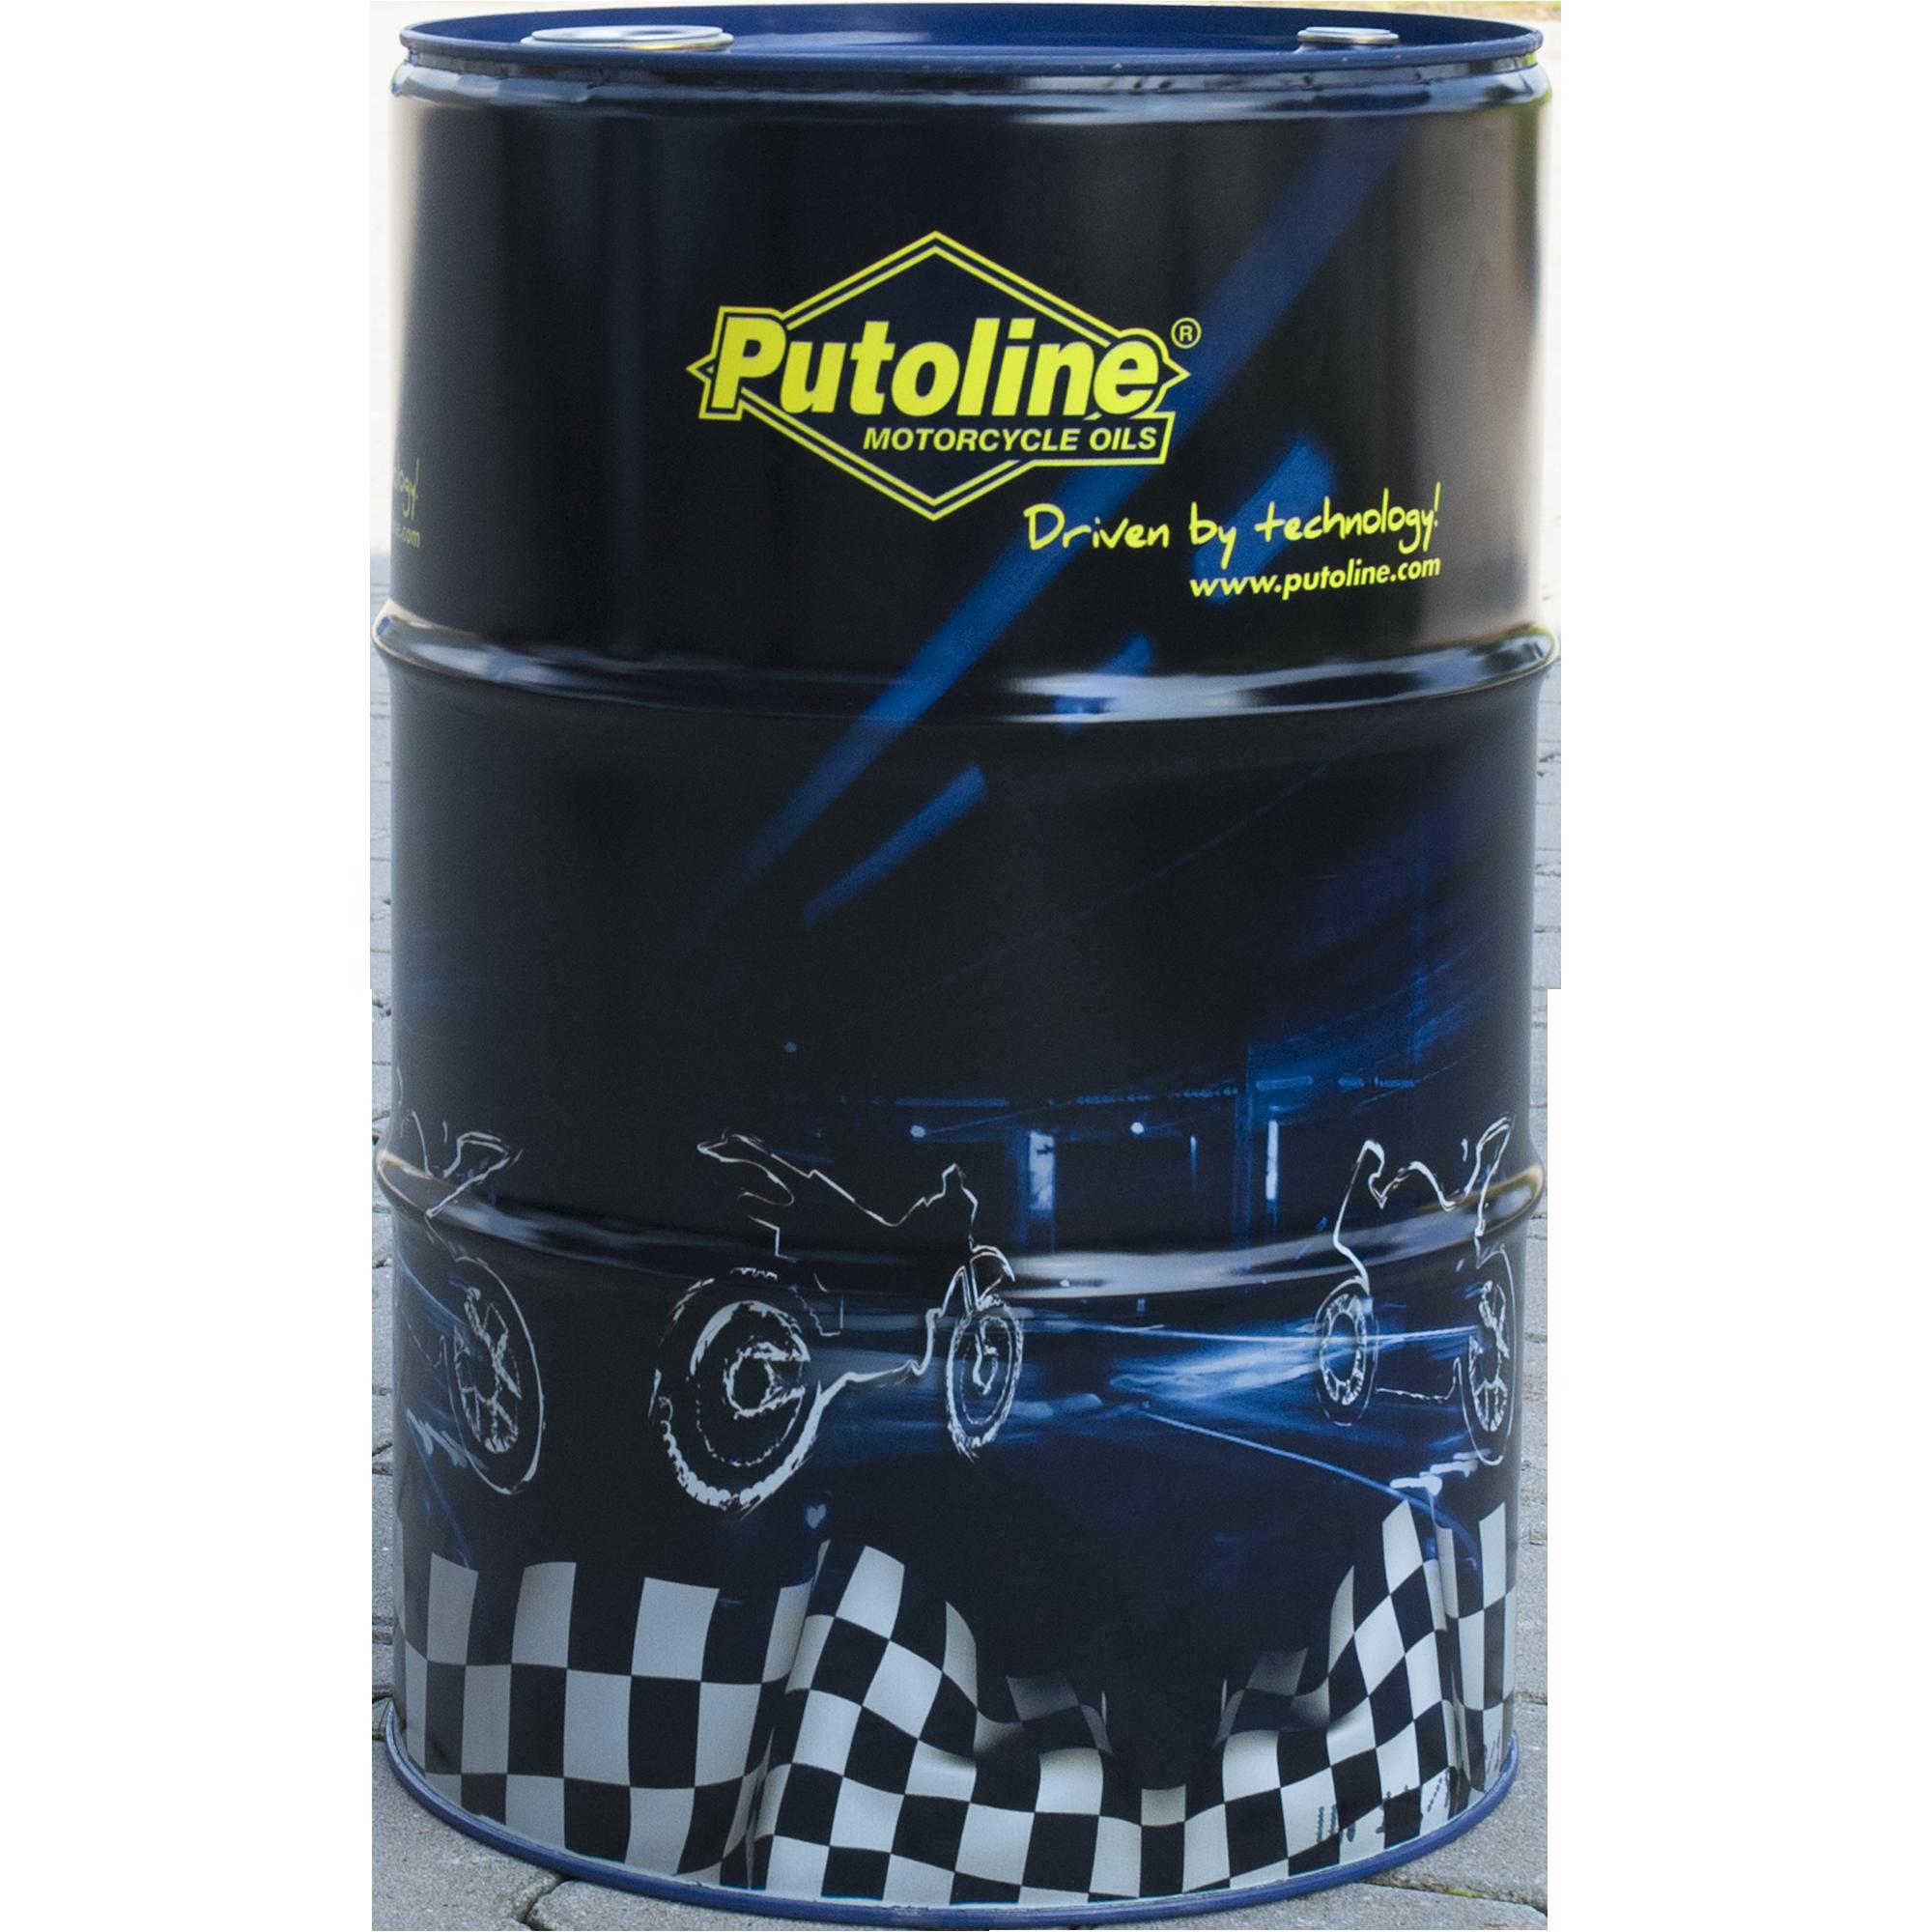 Putoline Motoröl Scooter 4T 5W-40 200L